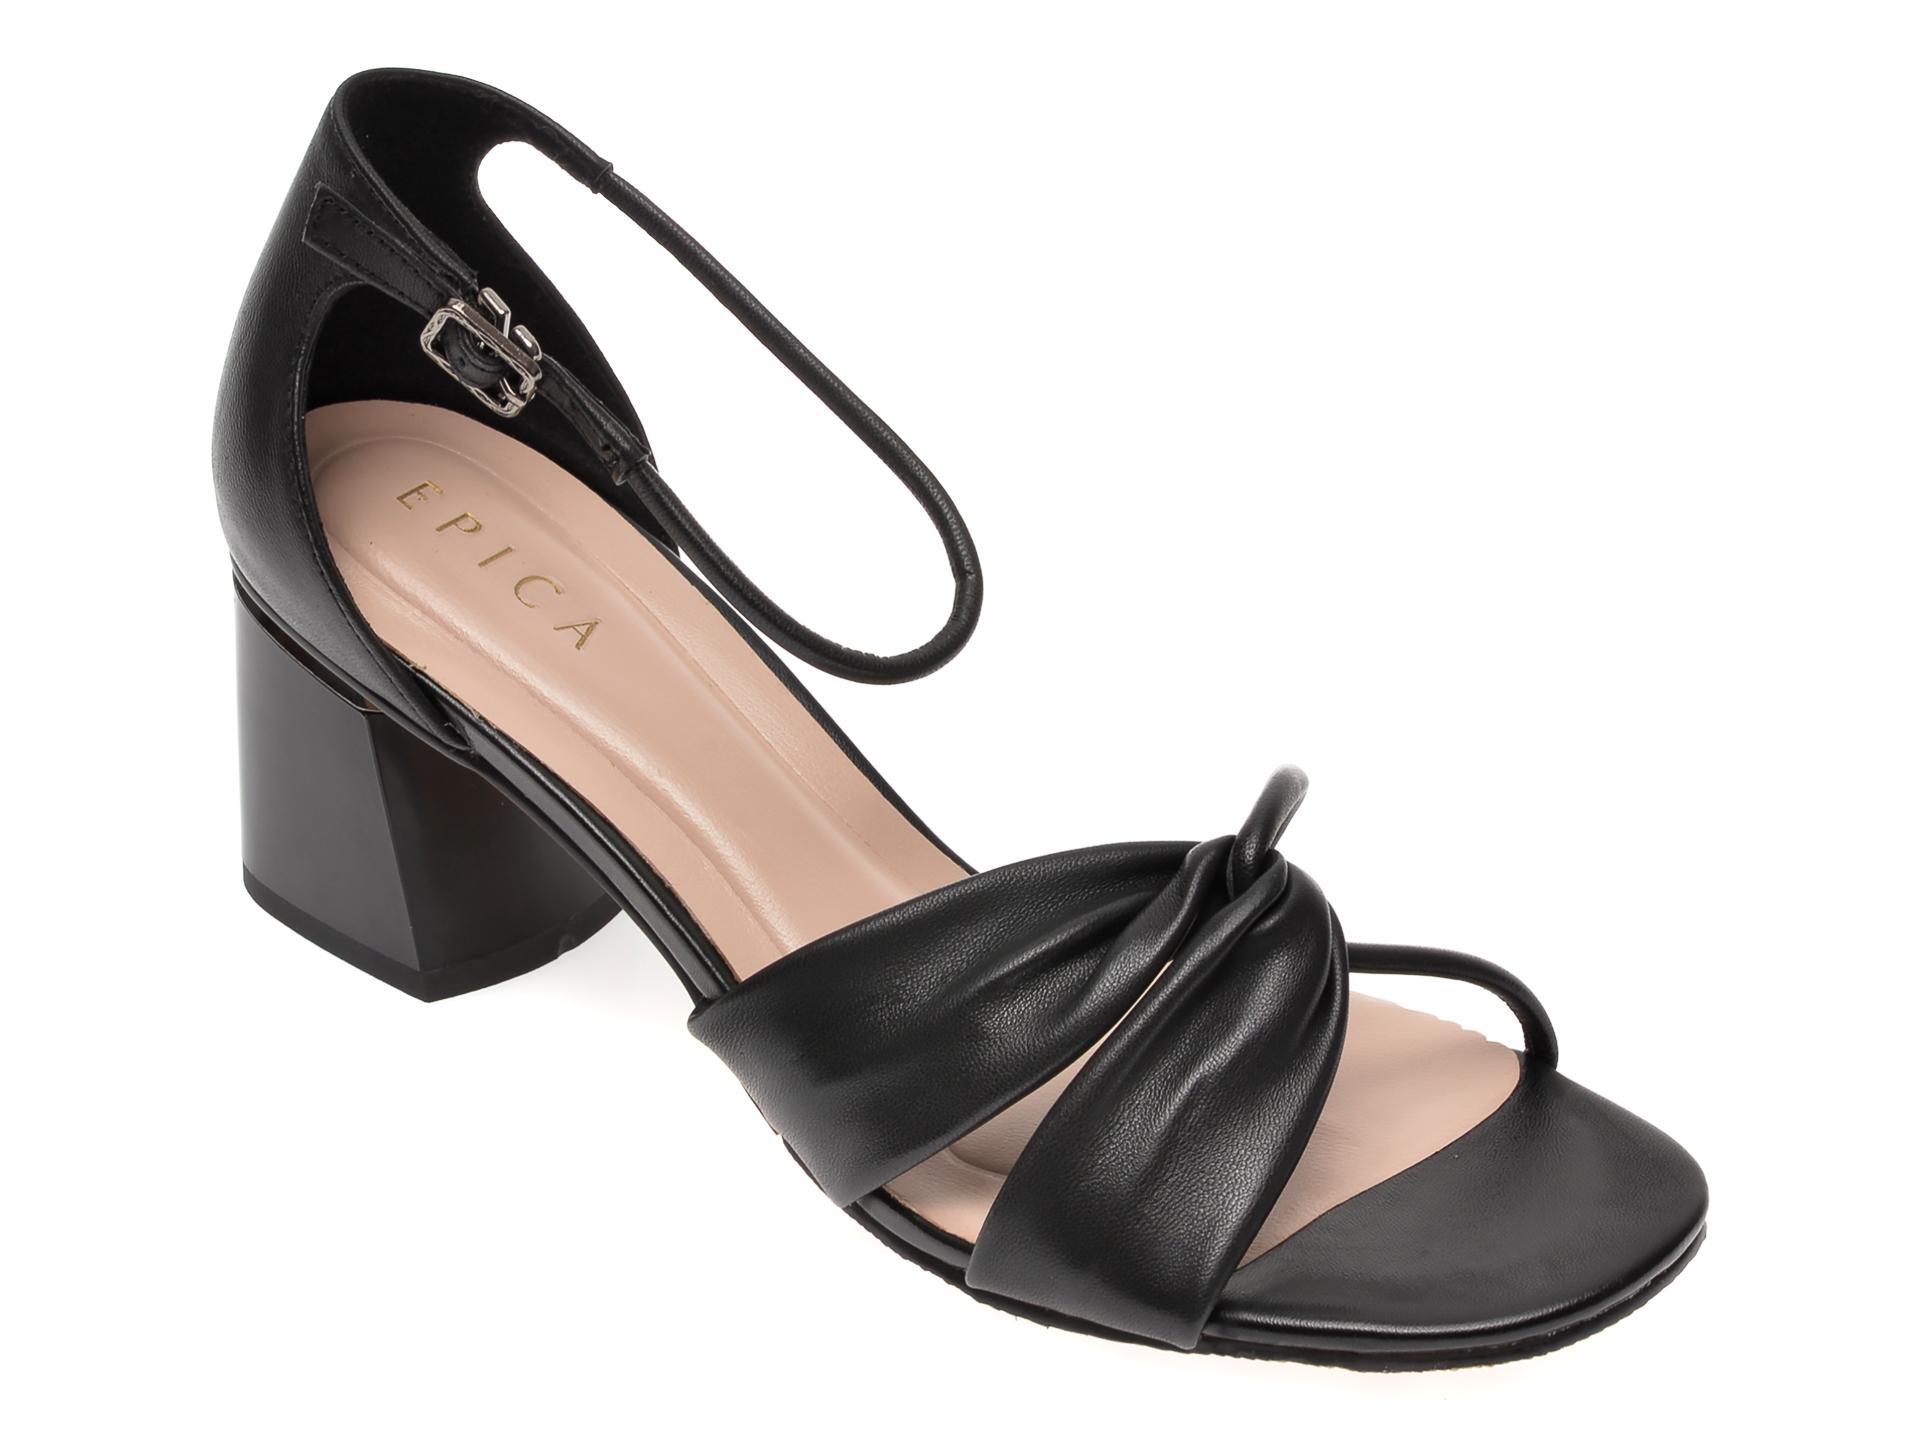 Sandale EPICA negre, CL026Y3, din piele naturala